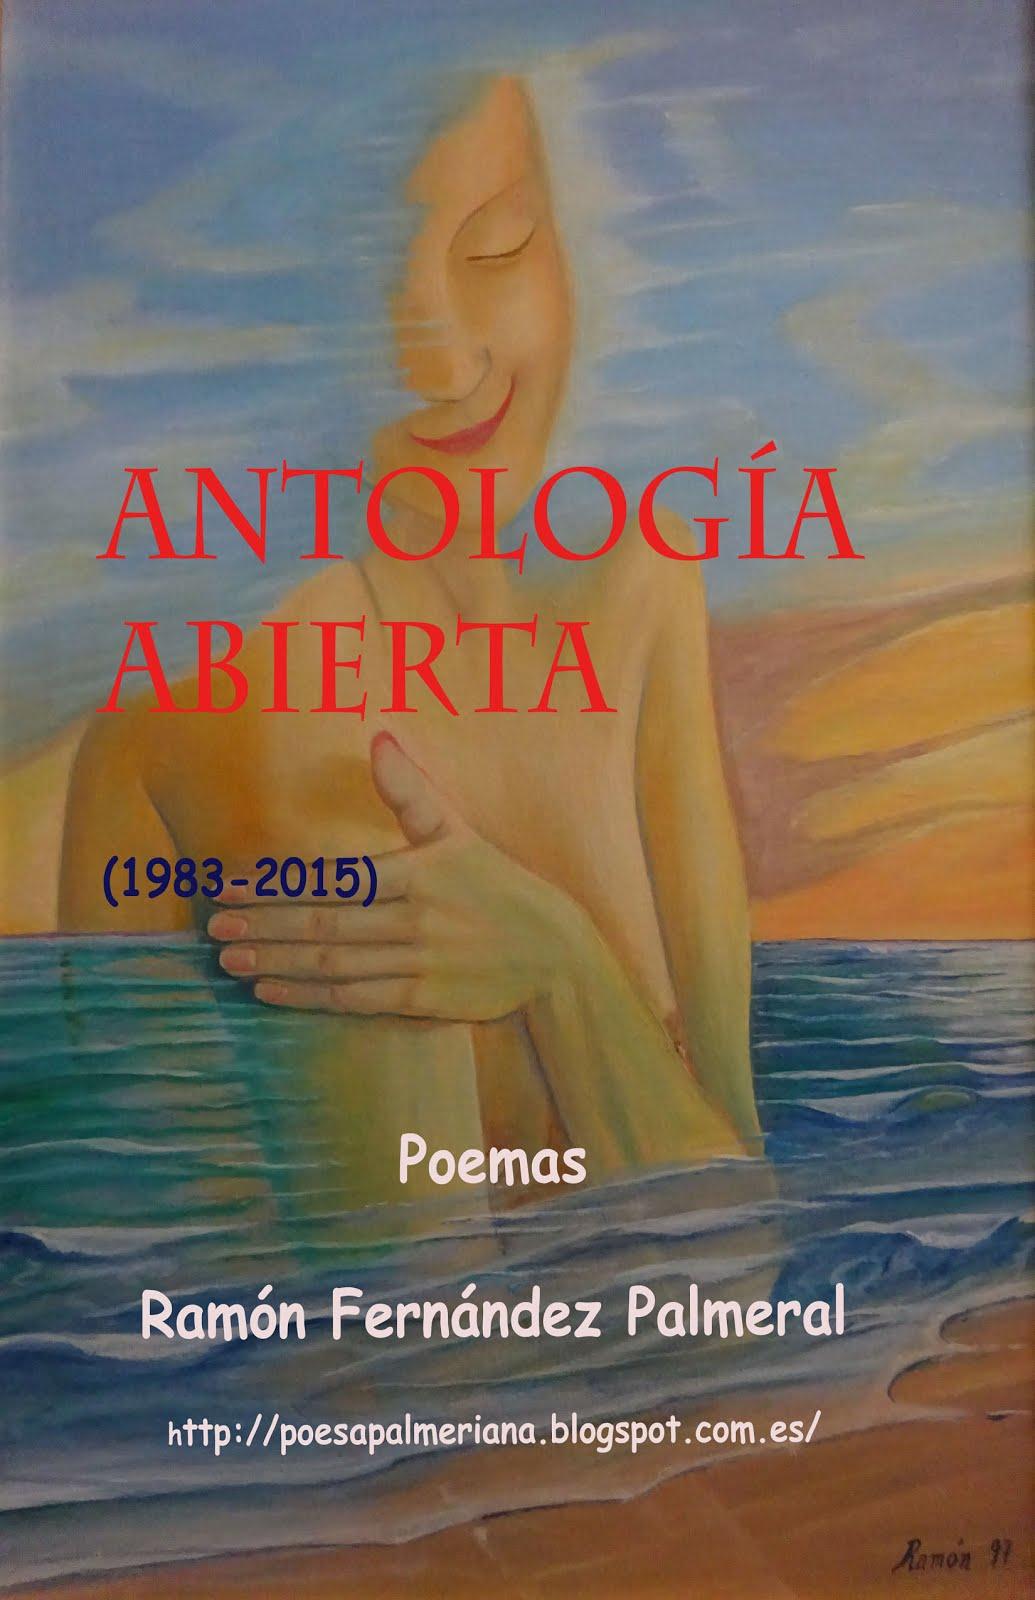 Antología abierta. Poemas